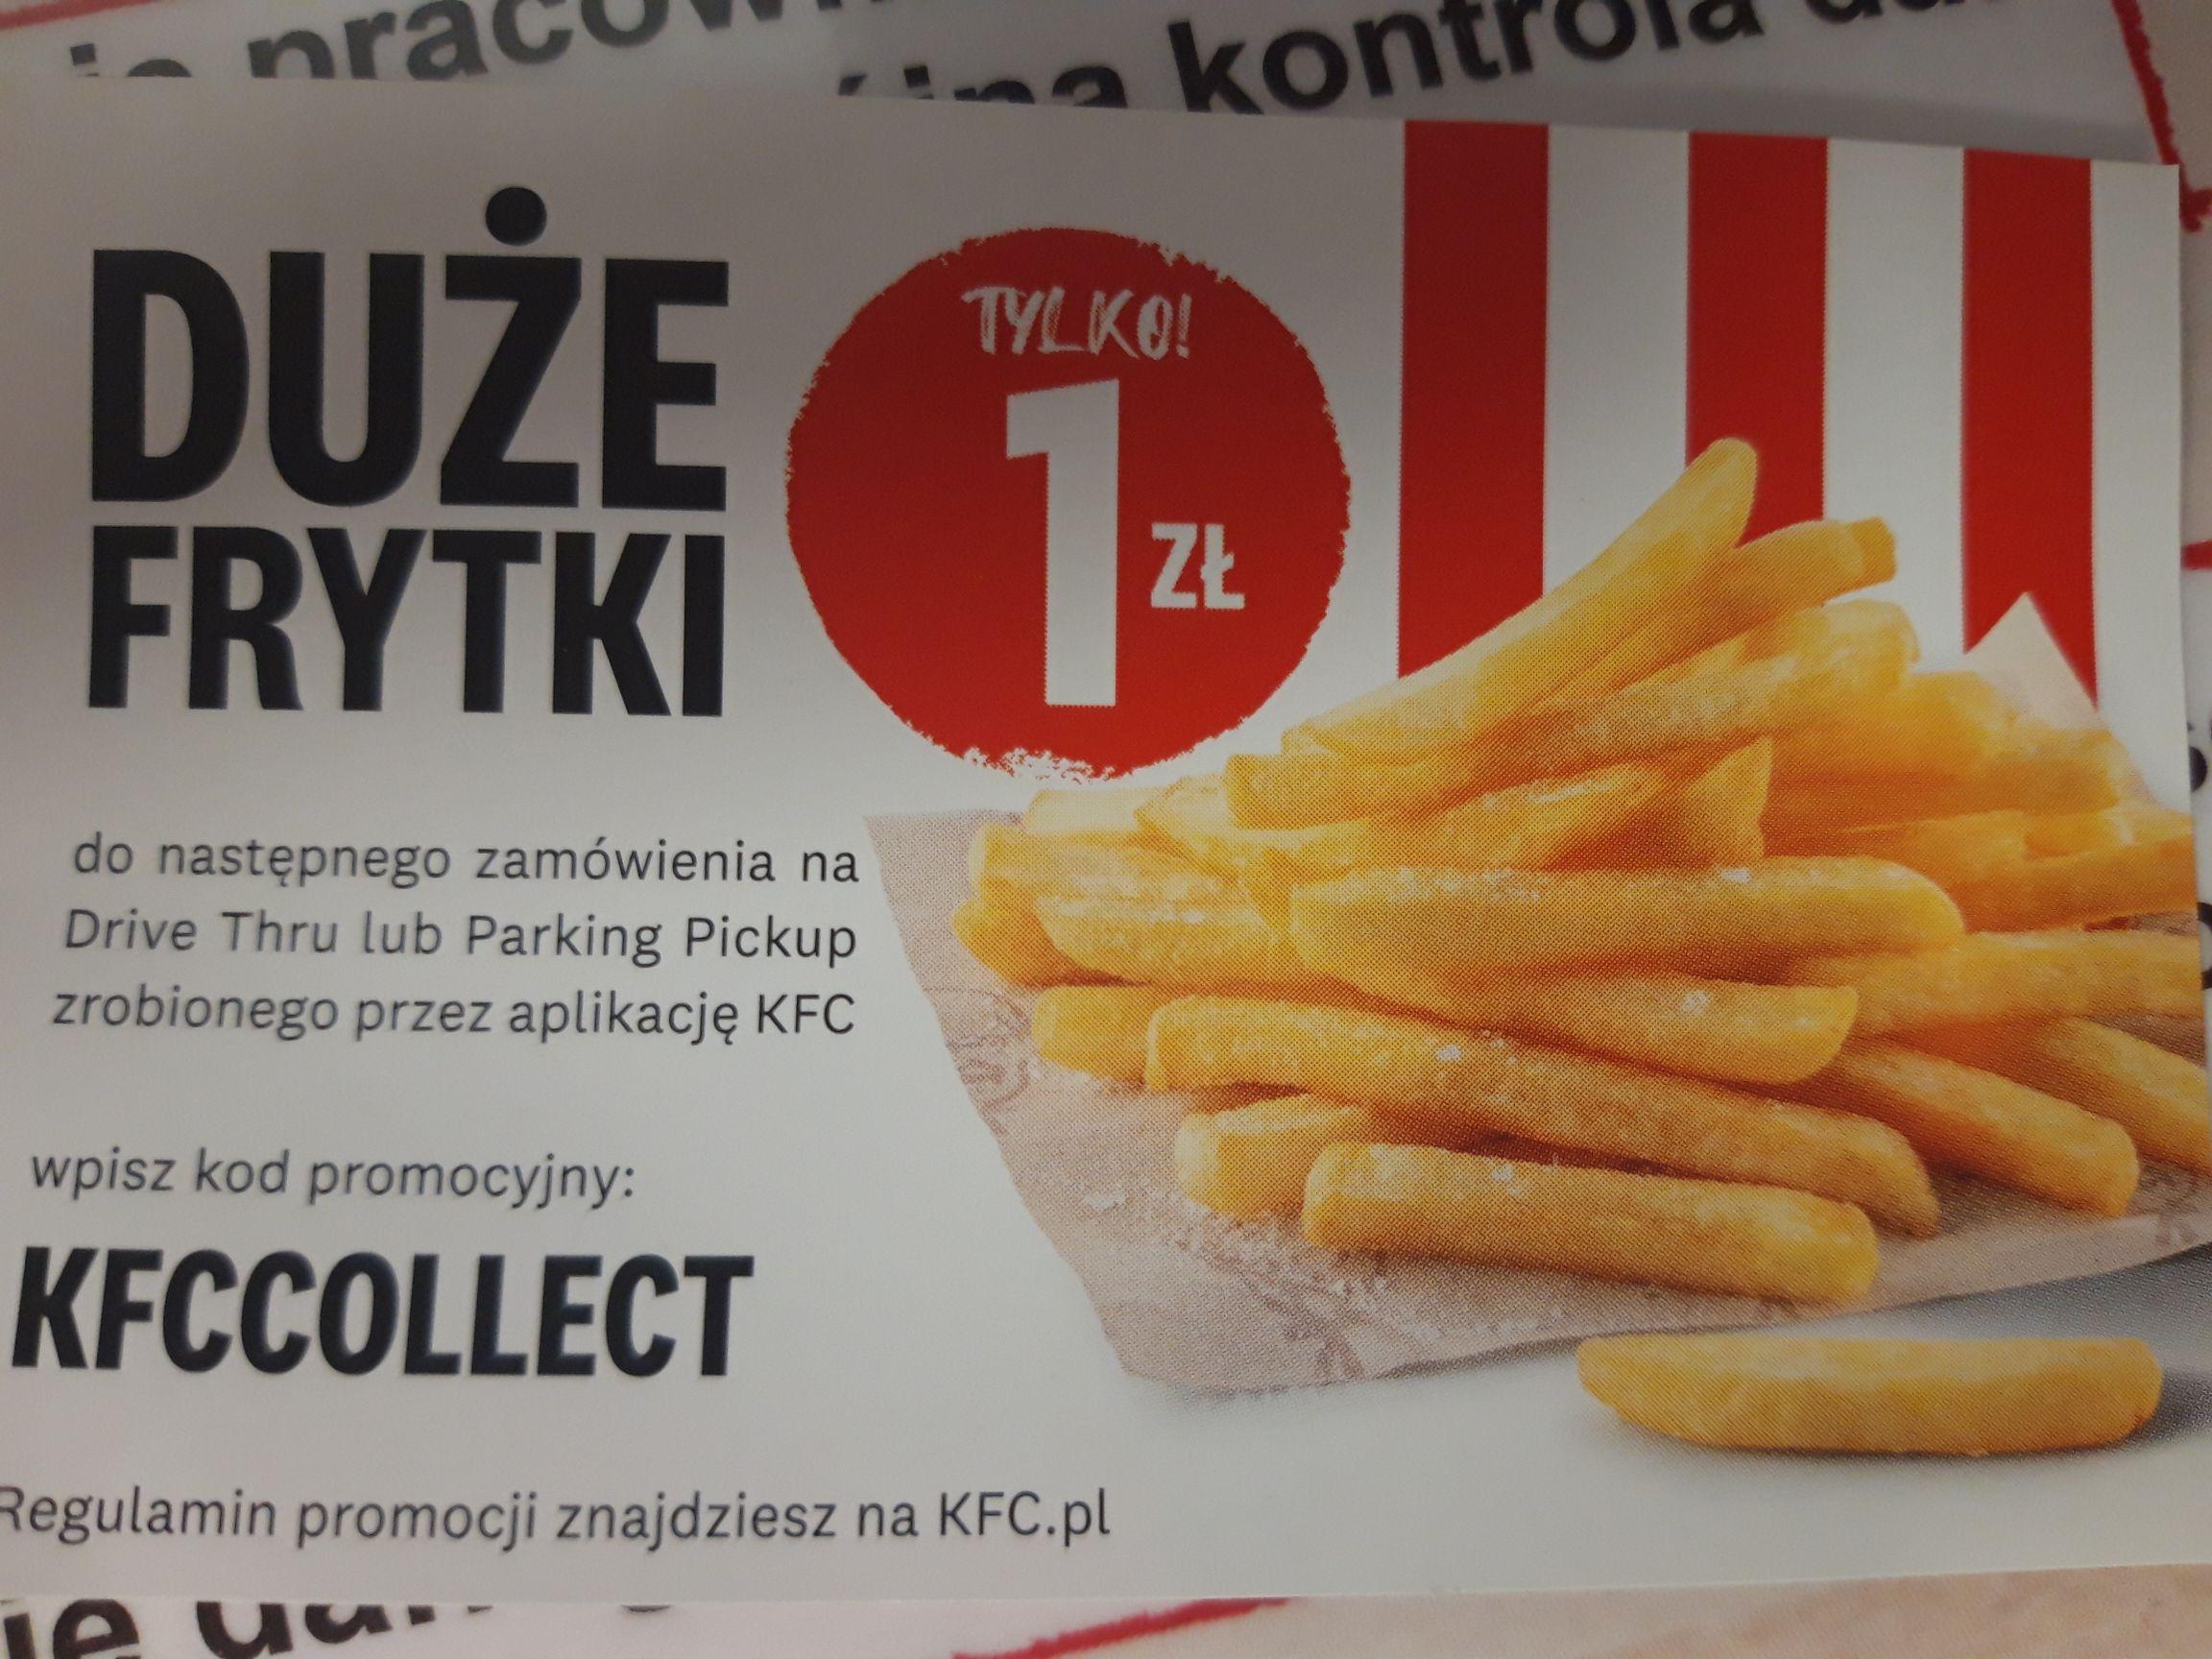 KFC duże frytki za 1 zł